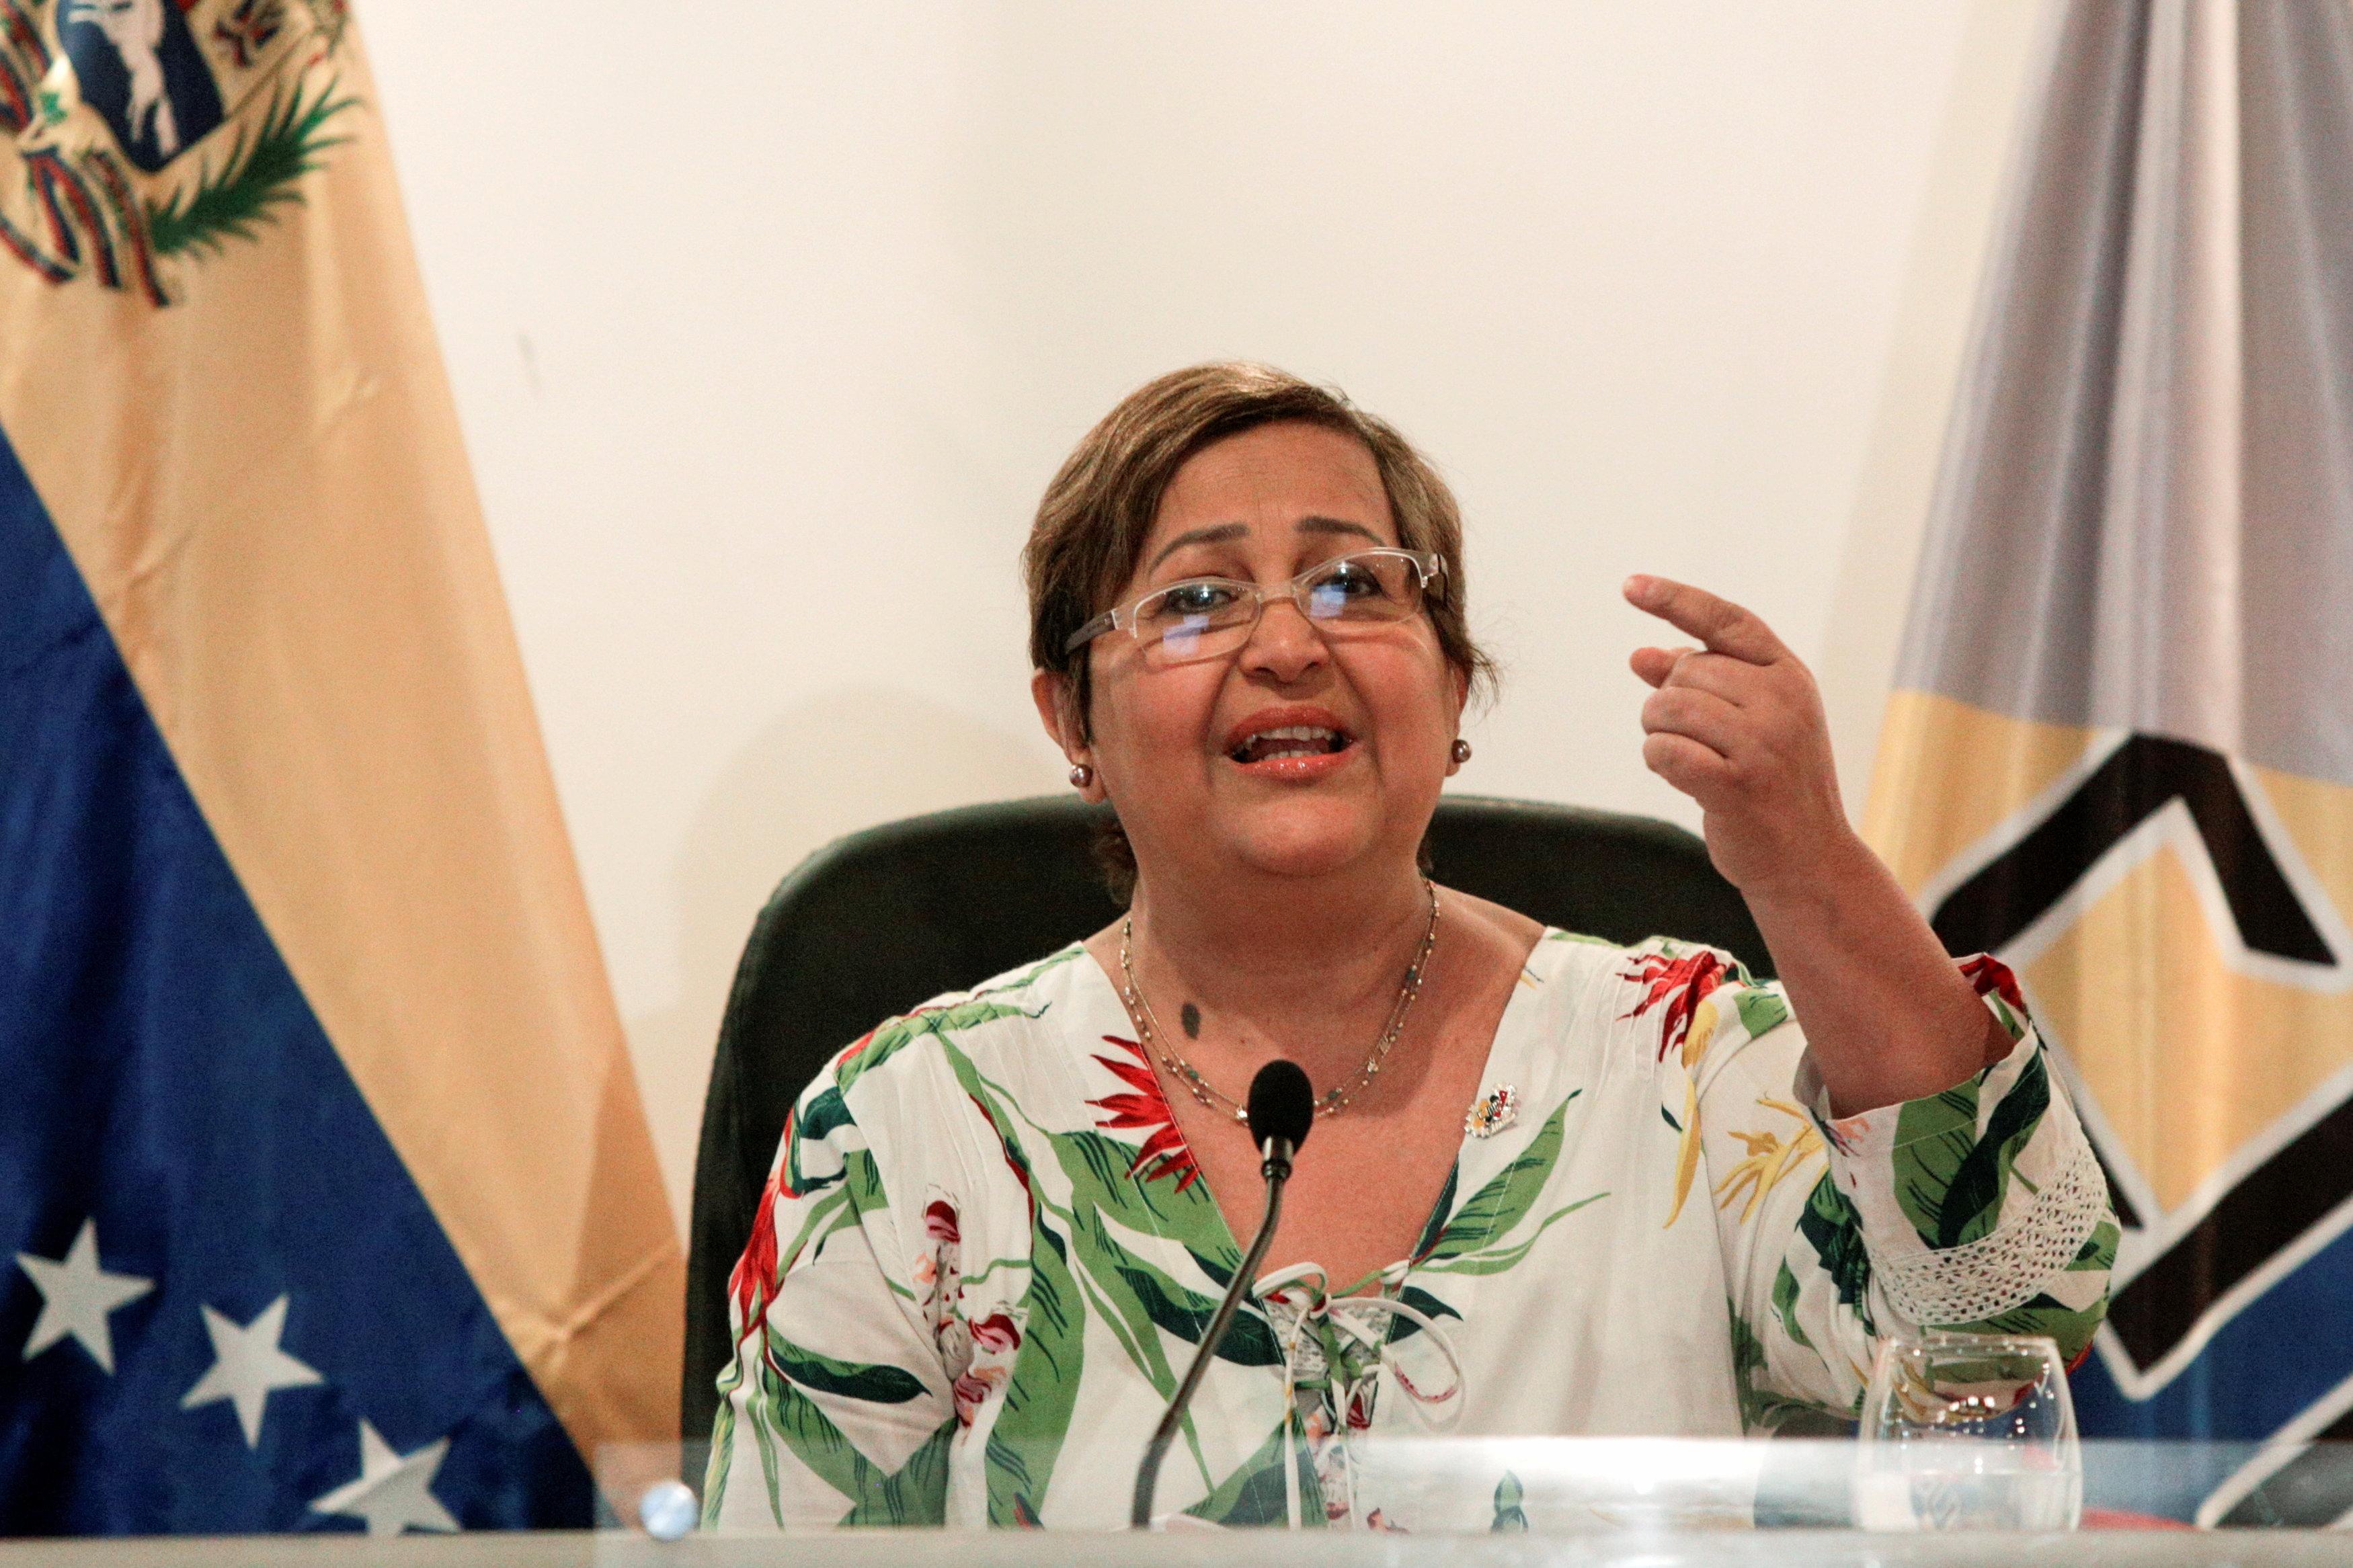 La presidenta del CNE, Tibisay Lucena, informó sobre el cronograma de verificación de firmas que cumplirá el organismo